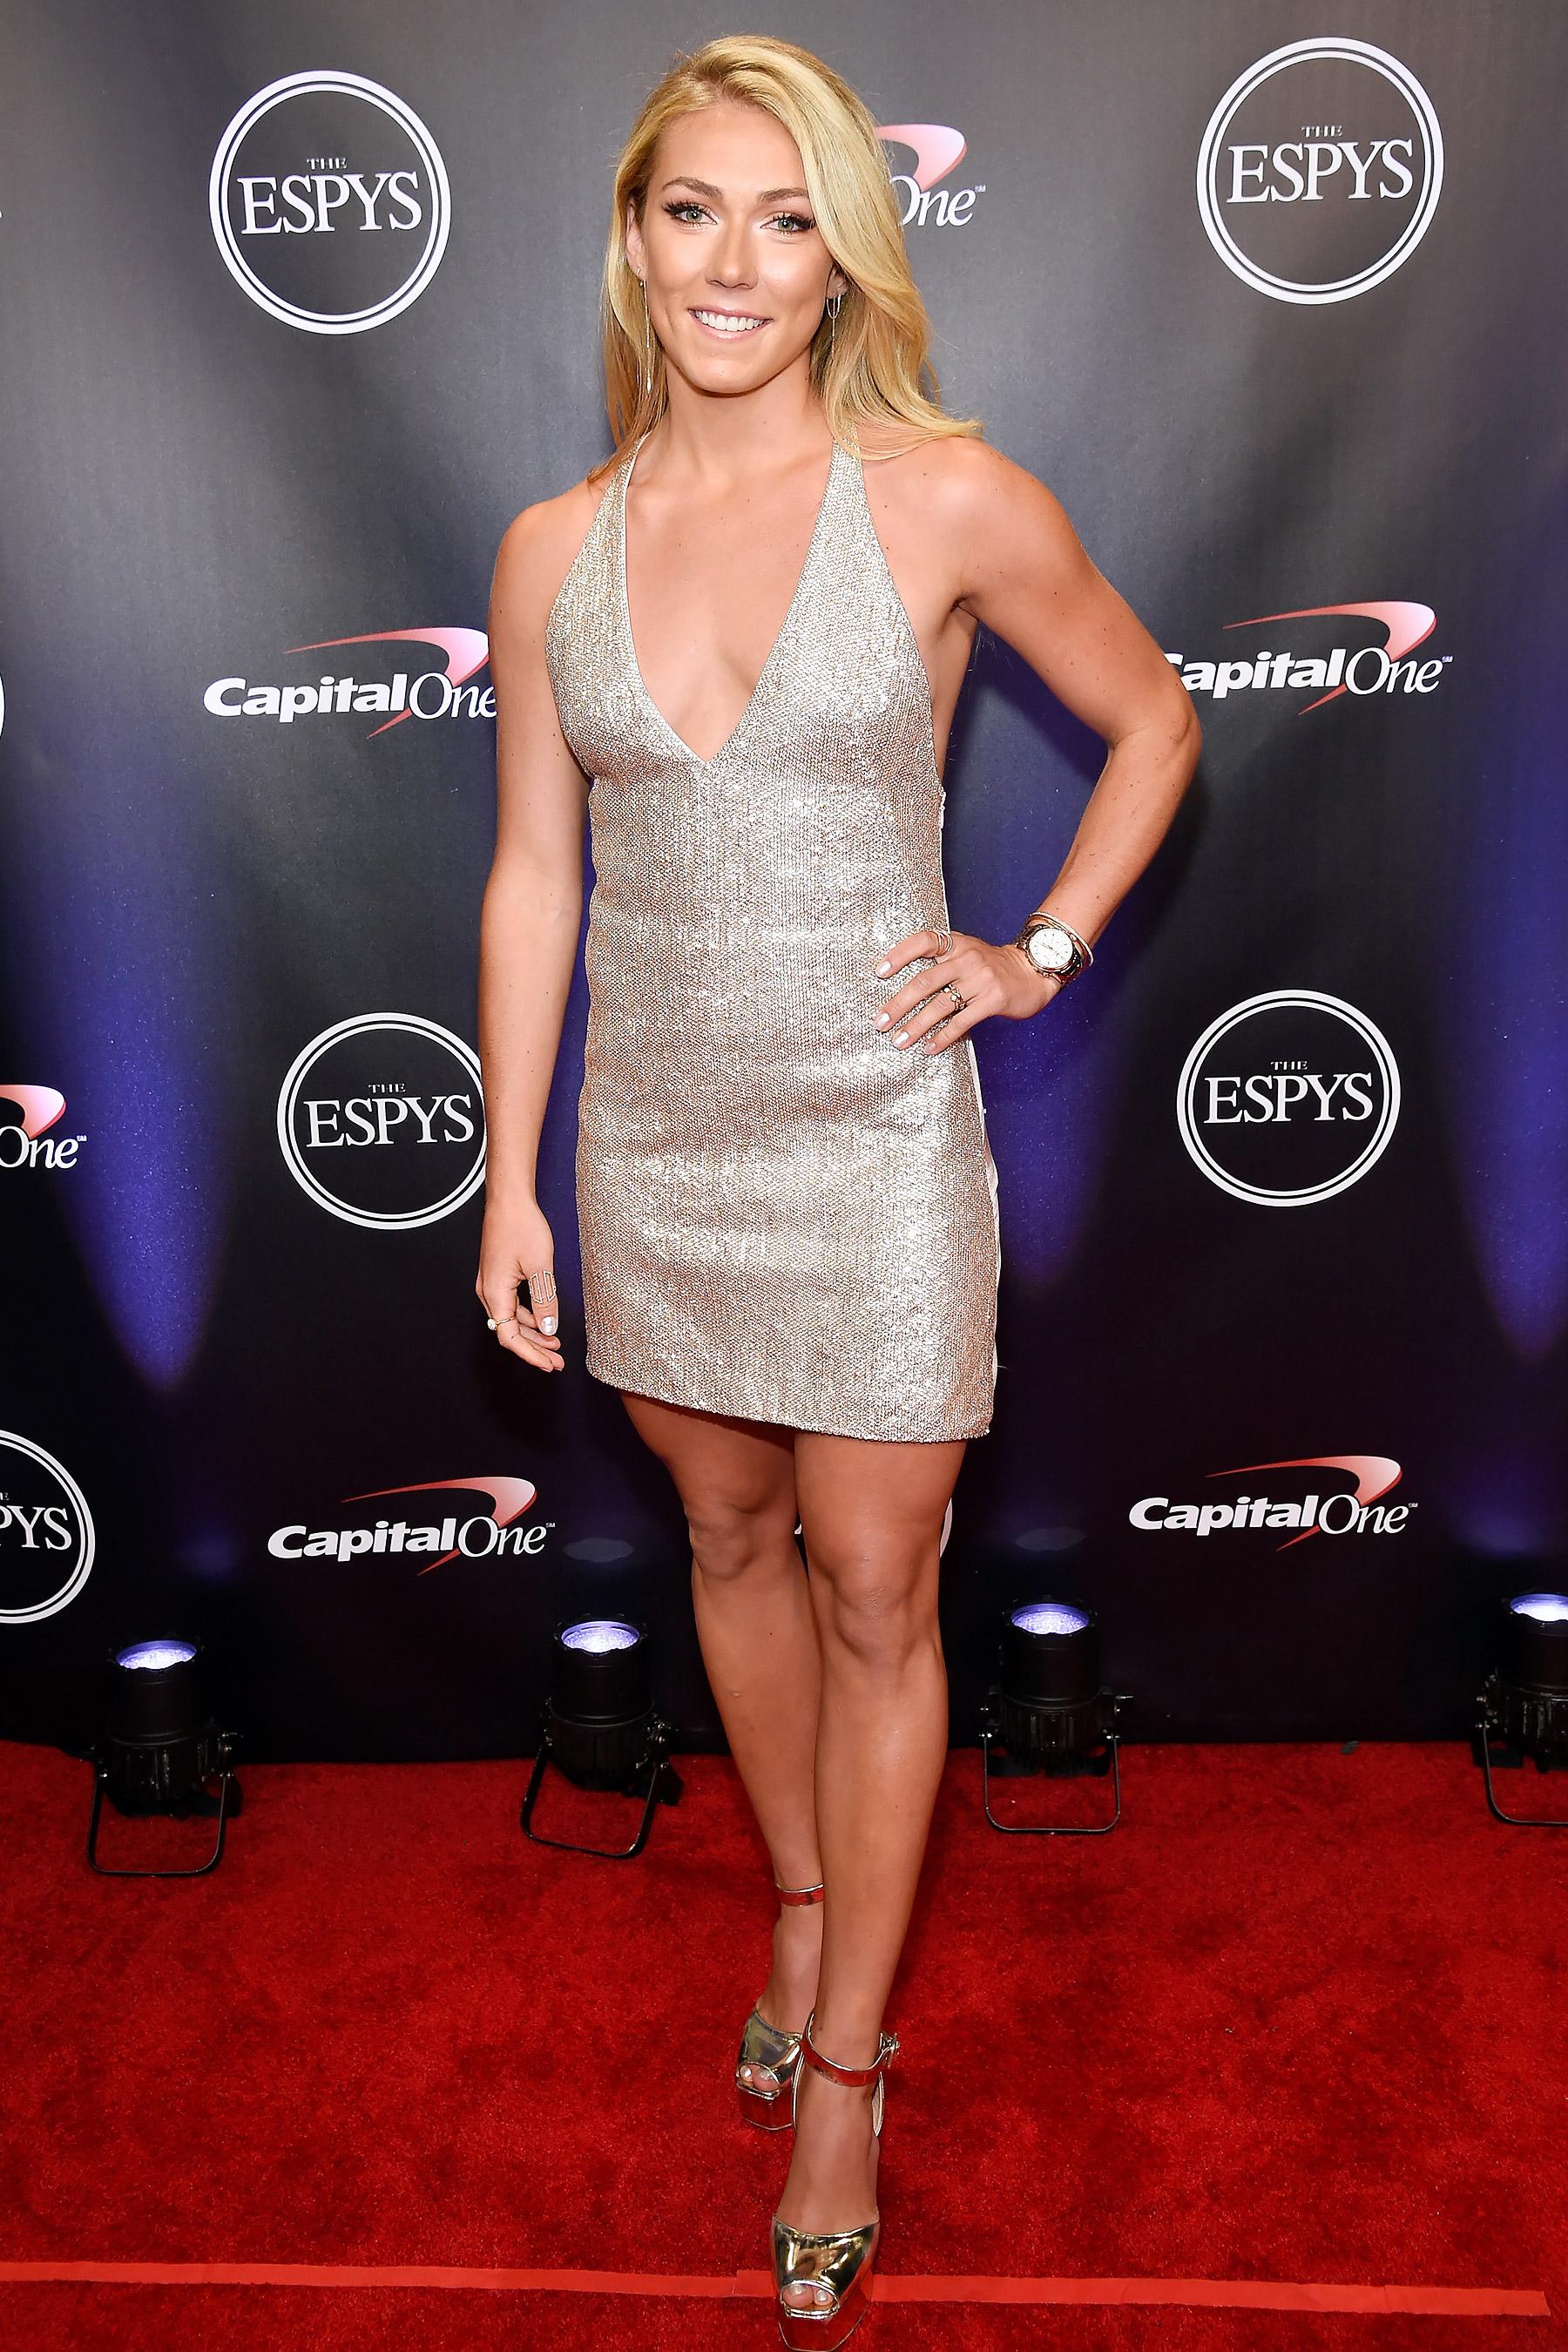 Mikaela Shiffrin en mini-robe décolletée